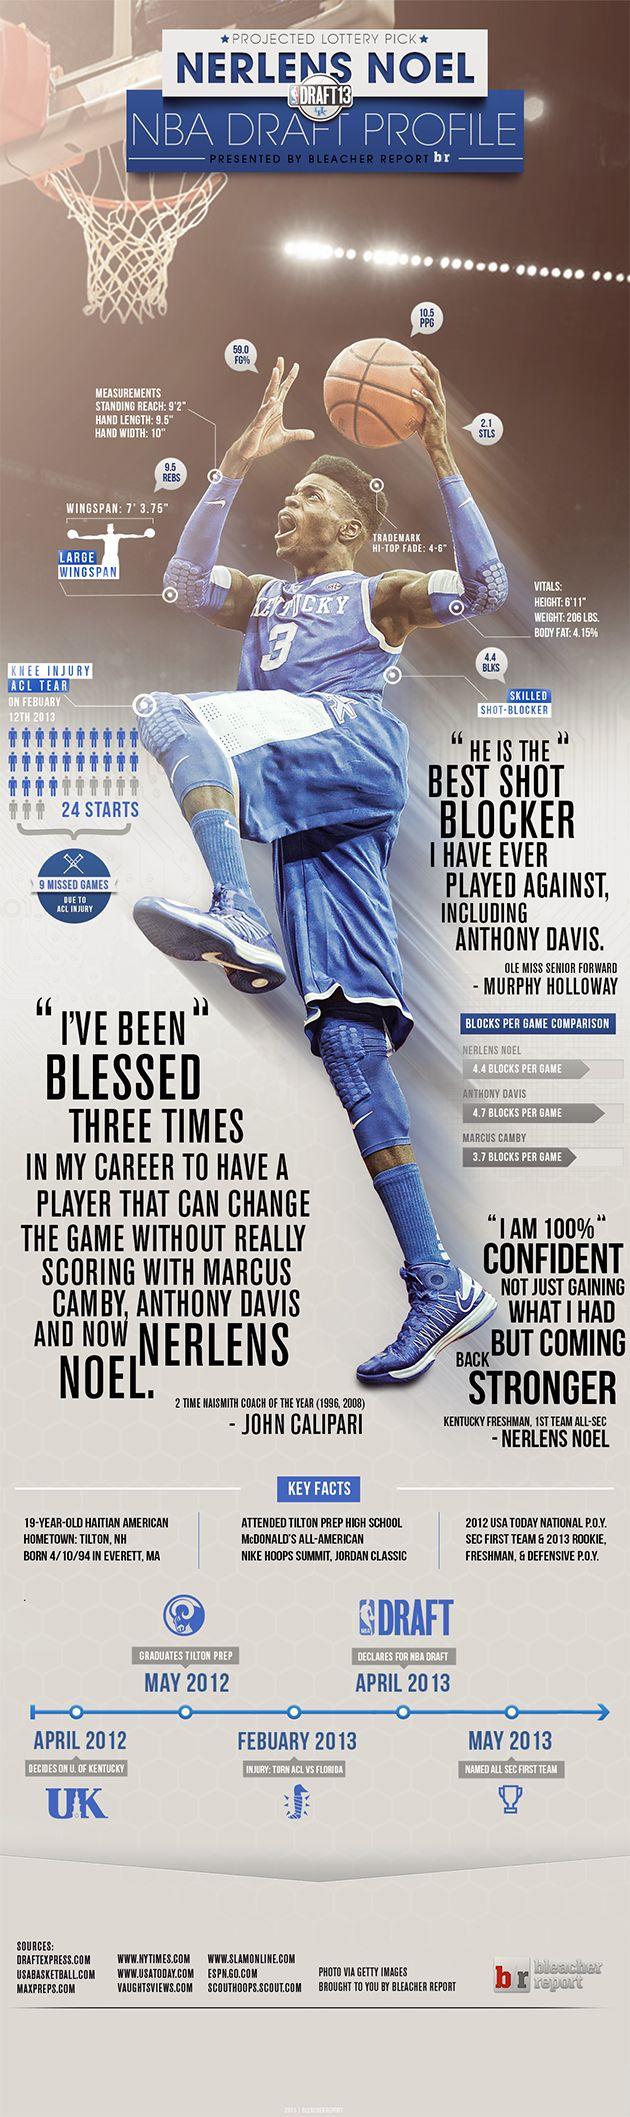 2013 Draft: Nerlens Noel